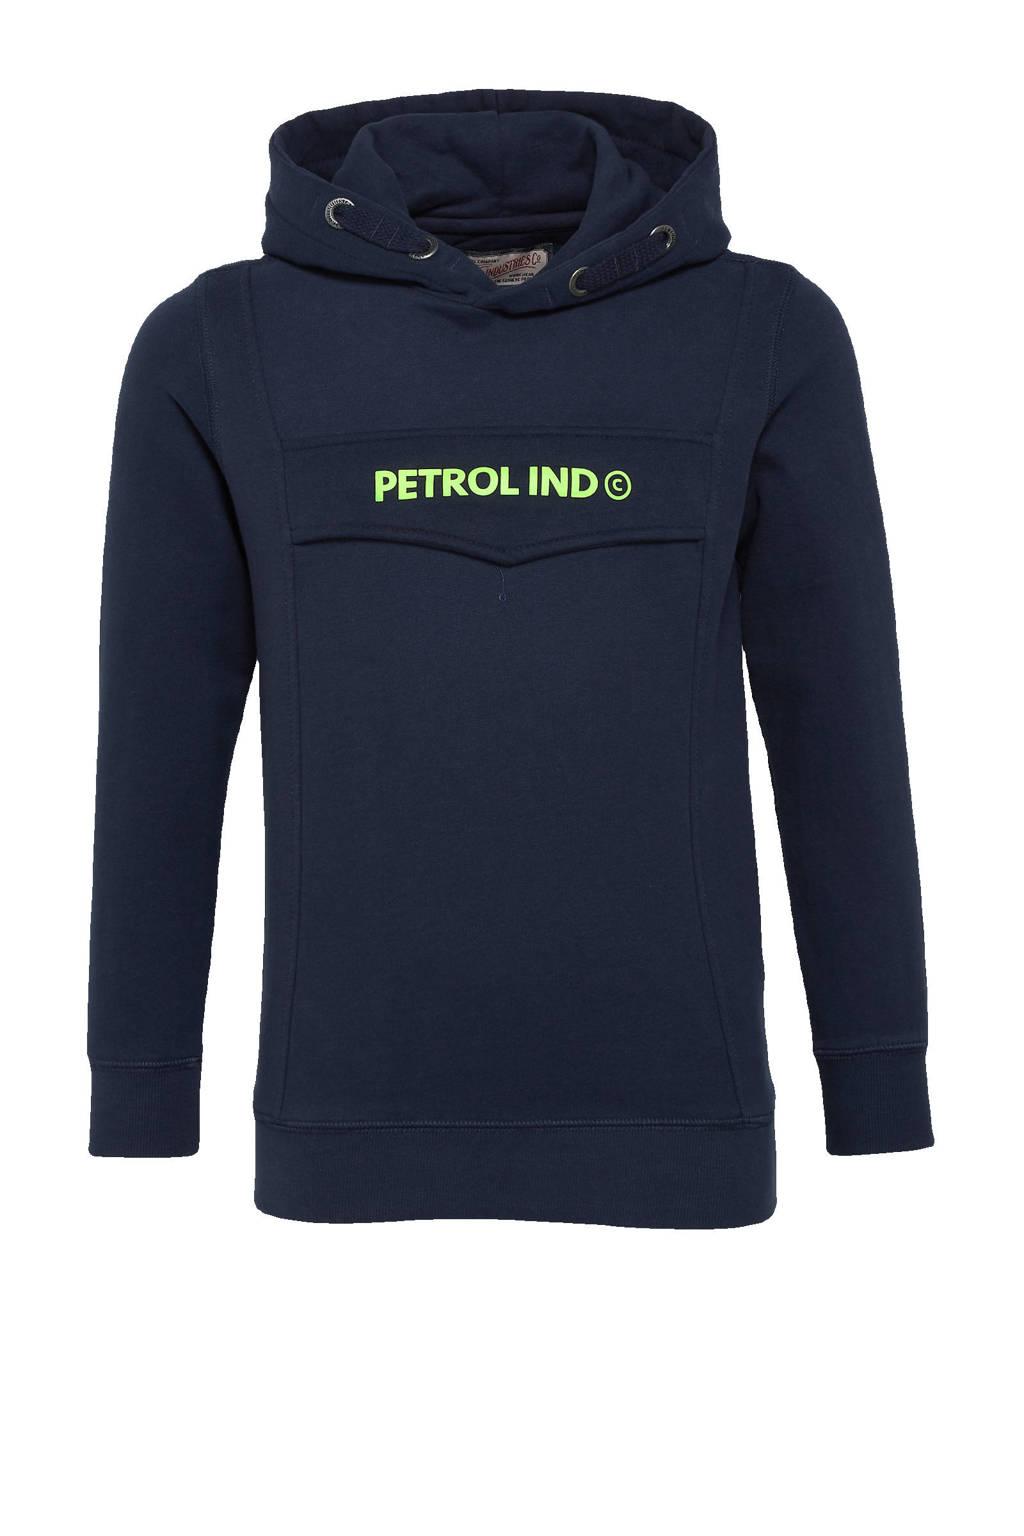 Petrol Industries hoodie met logo donkerblauw, Donkerblauw